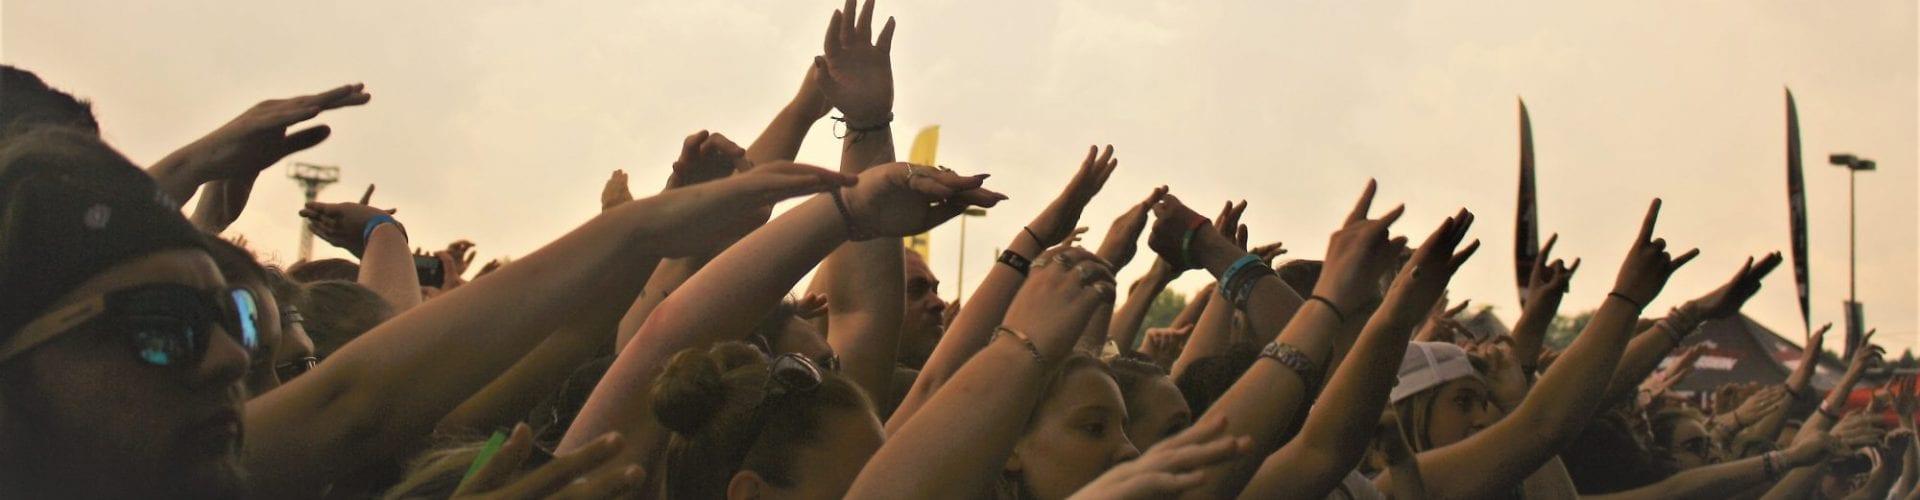 Vans Warped Tour Founder Reveals 25th Anniversary Dates